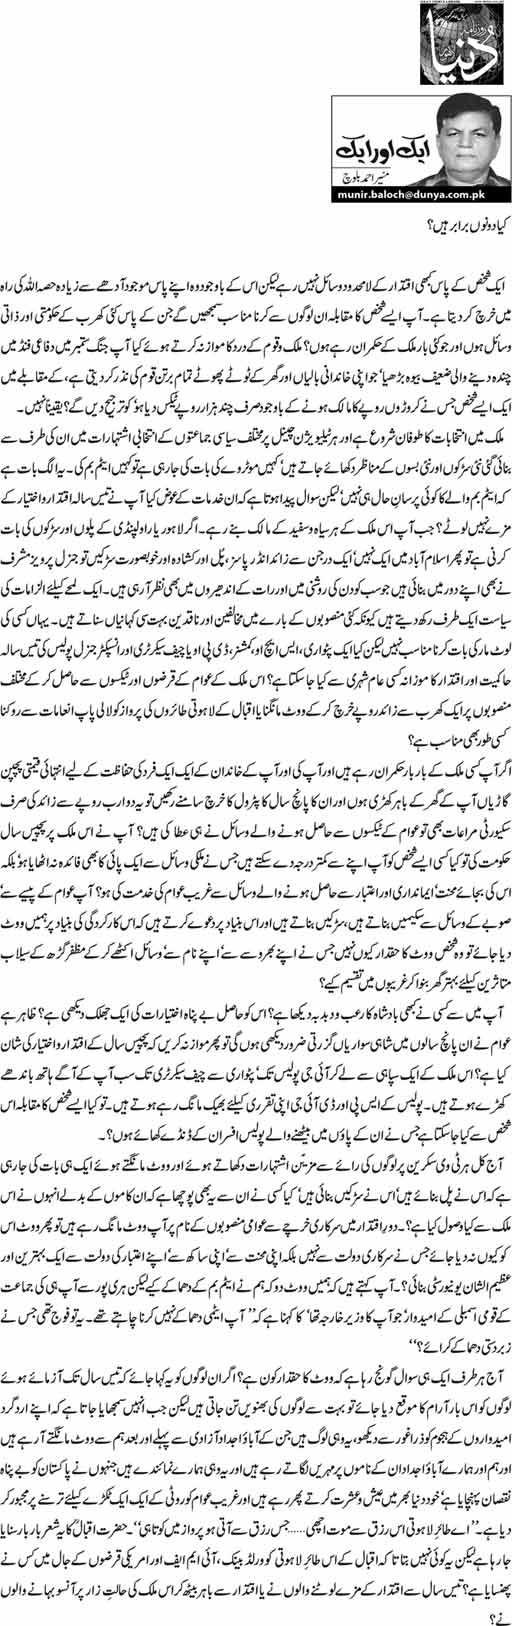 Kya Dono Barabar Hain? - Munir Ahmed Baloch